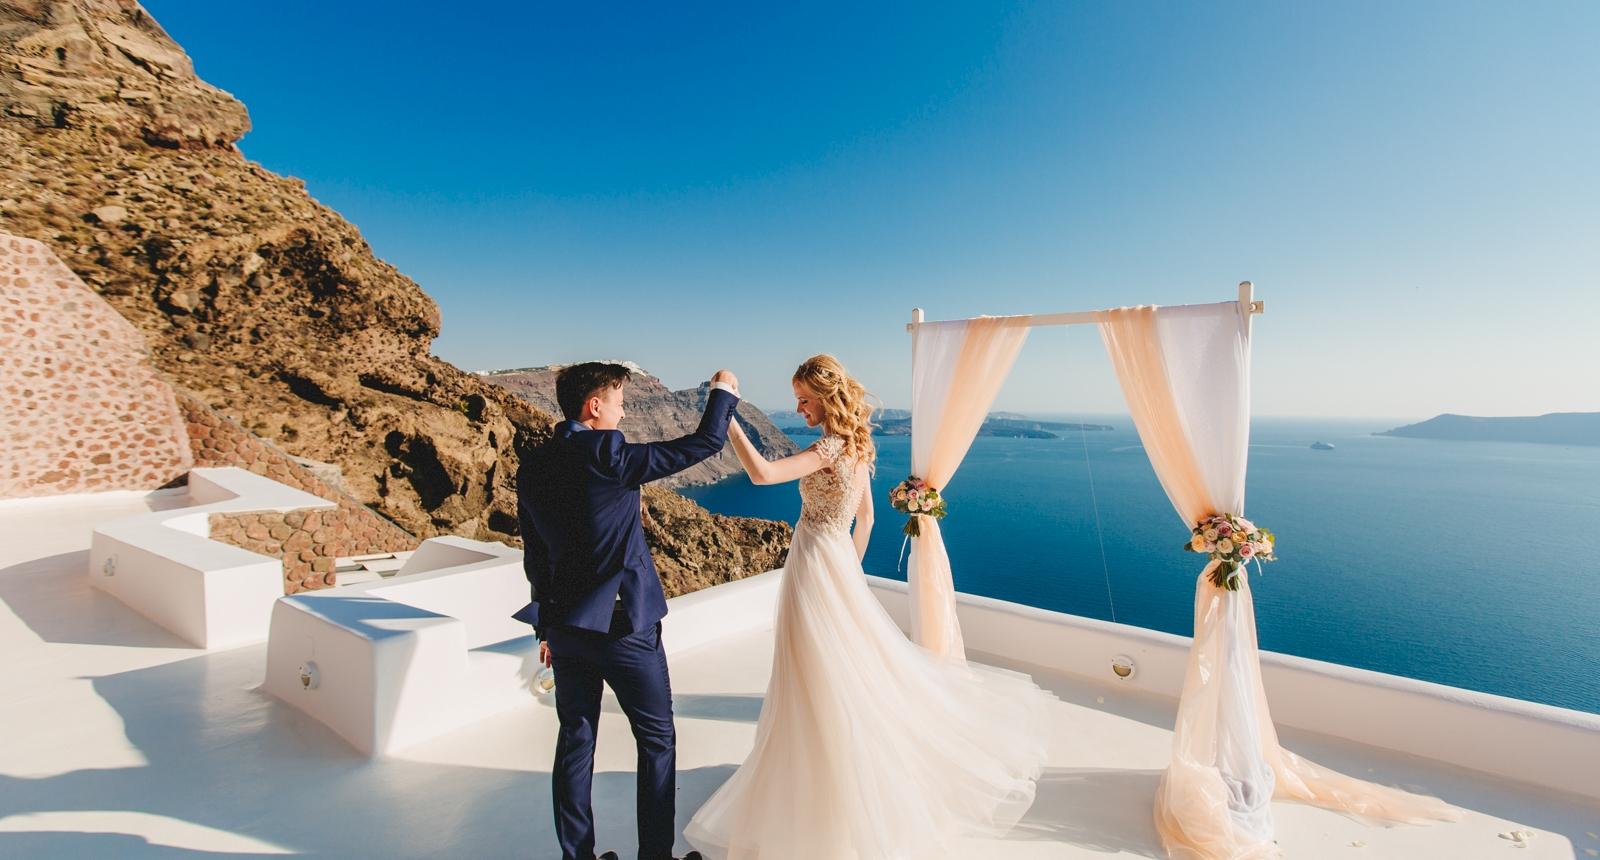 Анжелика и Роман: свадьба на санторини, свадебное агентство Julia Veselova - Фото 4